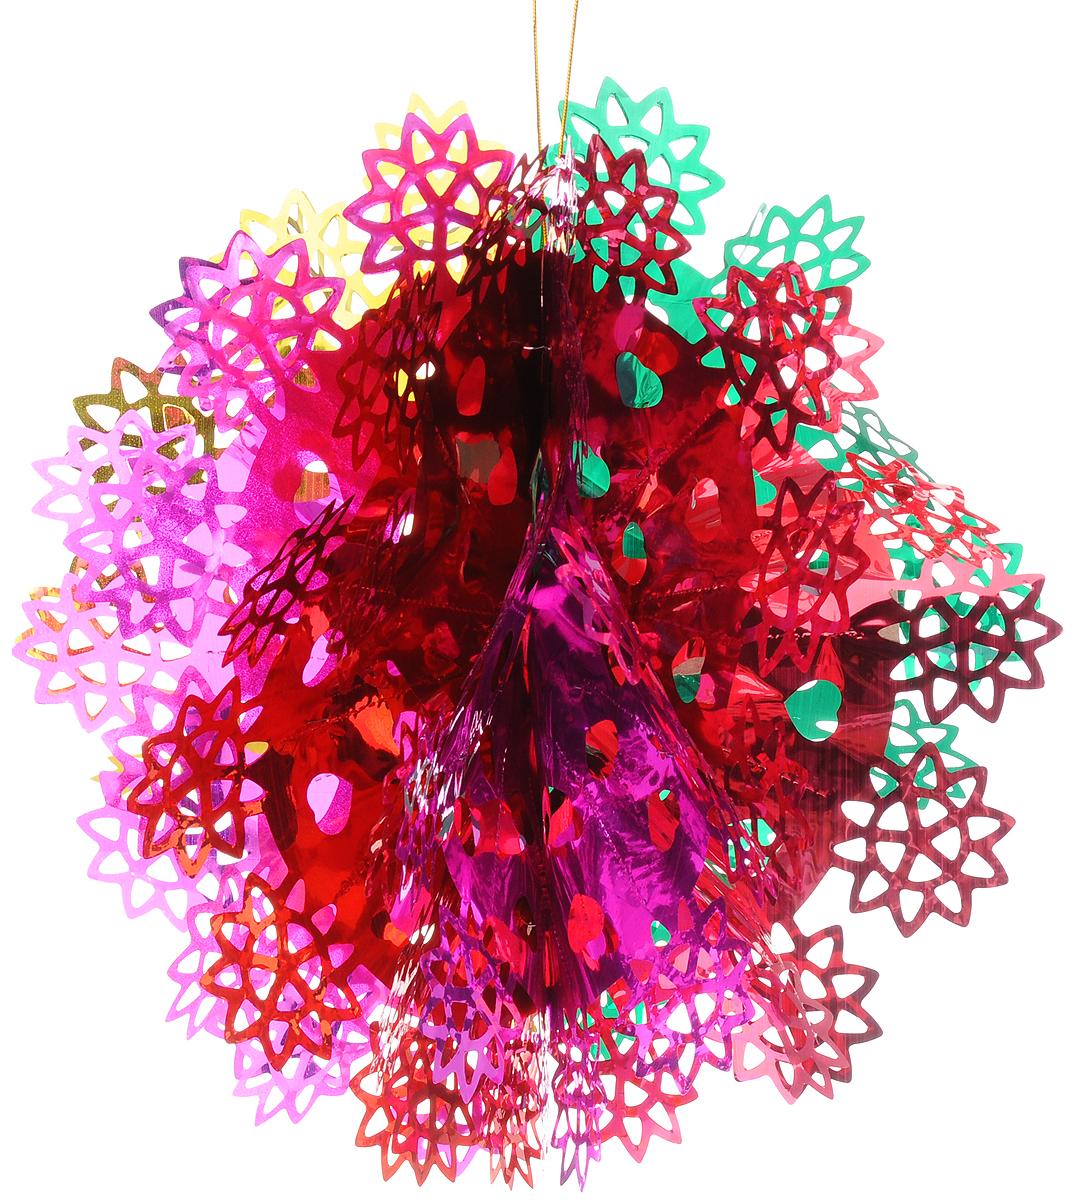 """Новогоднее подвесное украшение Magic Time """"Снежинка цветная"""" выполнено из ПЭТ (полиэтилентерефталат) в виде снежинки. С помощью специальной петельки украшение можно повесить в любом понравившемся вам месте. Игрушка удачно будет смотреться под потолком.  Новогоднее украшение Magic Time """"Снежинка цветная"""" несет в себе волшебство и красоту праздника. Создайте в своем доме атмосферу веселья и радости, с помощью игрушек, которые будут из года в год накапливать теплоту воспоминаний.  Материал: полиэтилентерефталат. Размер: 35 х 18 см."""